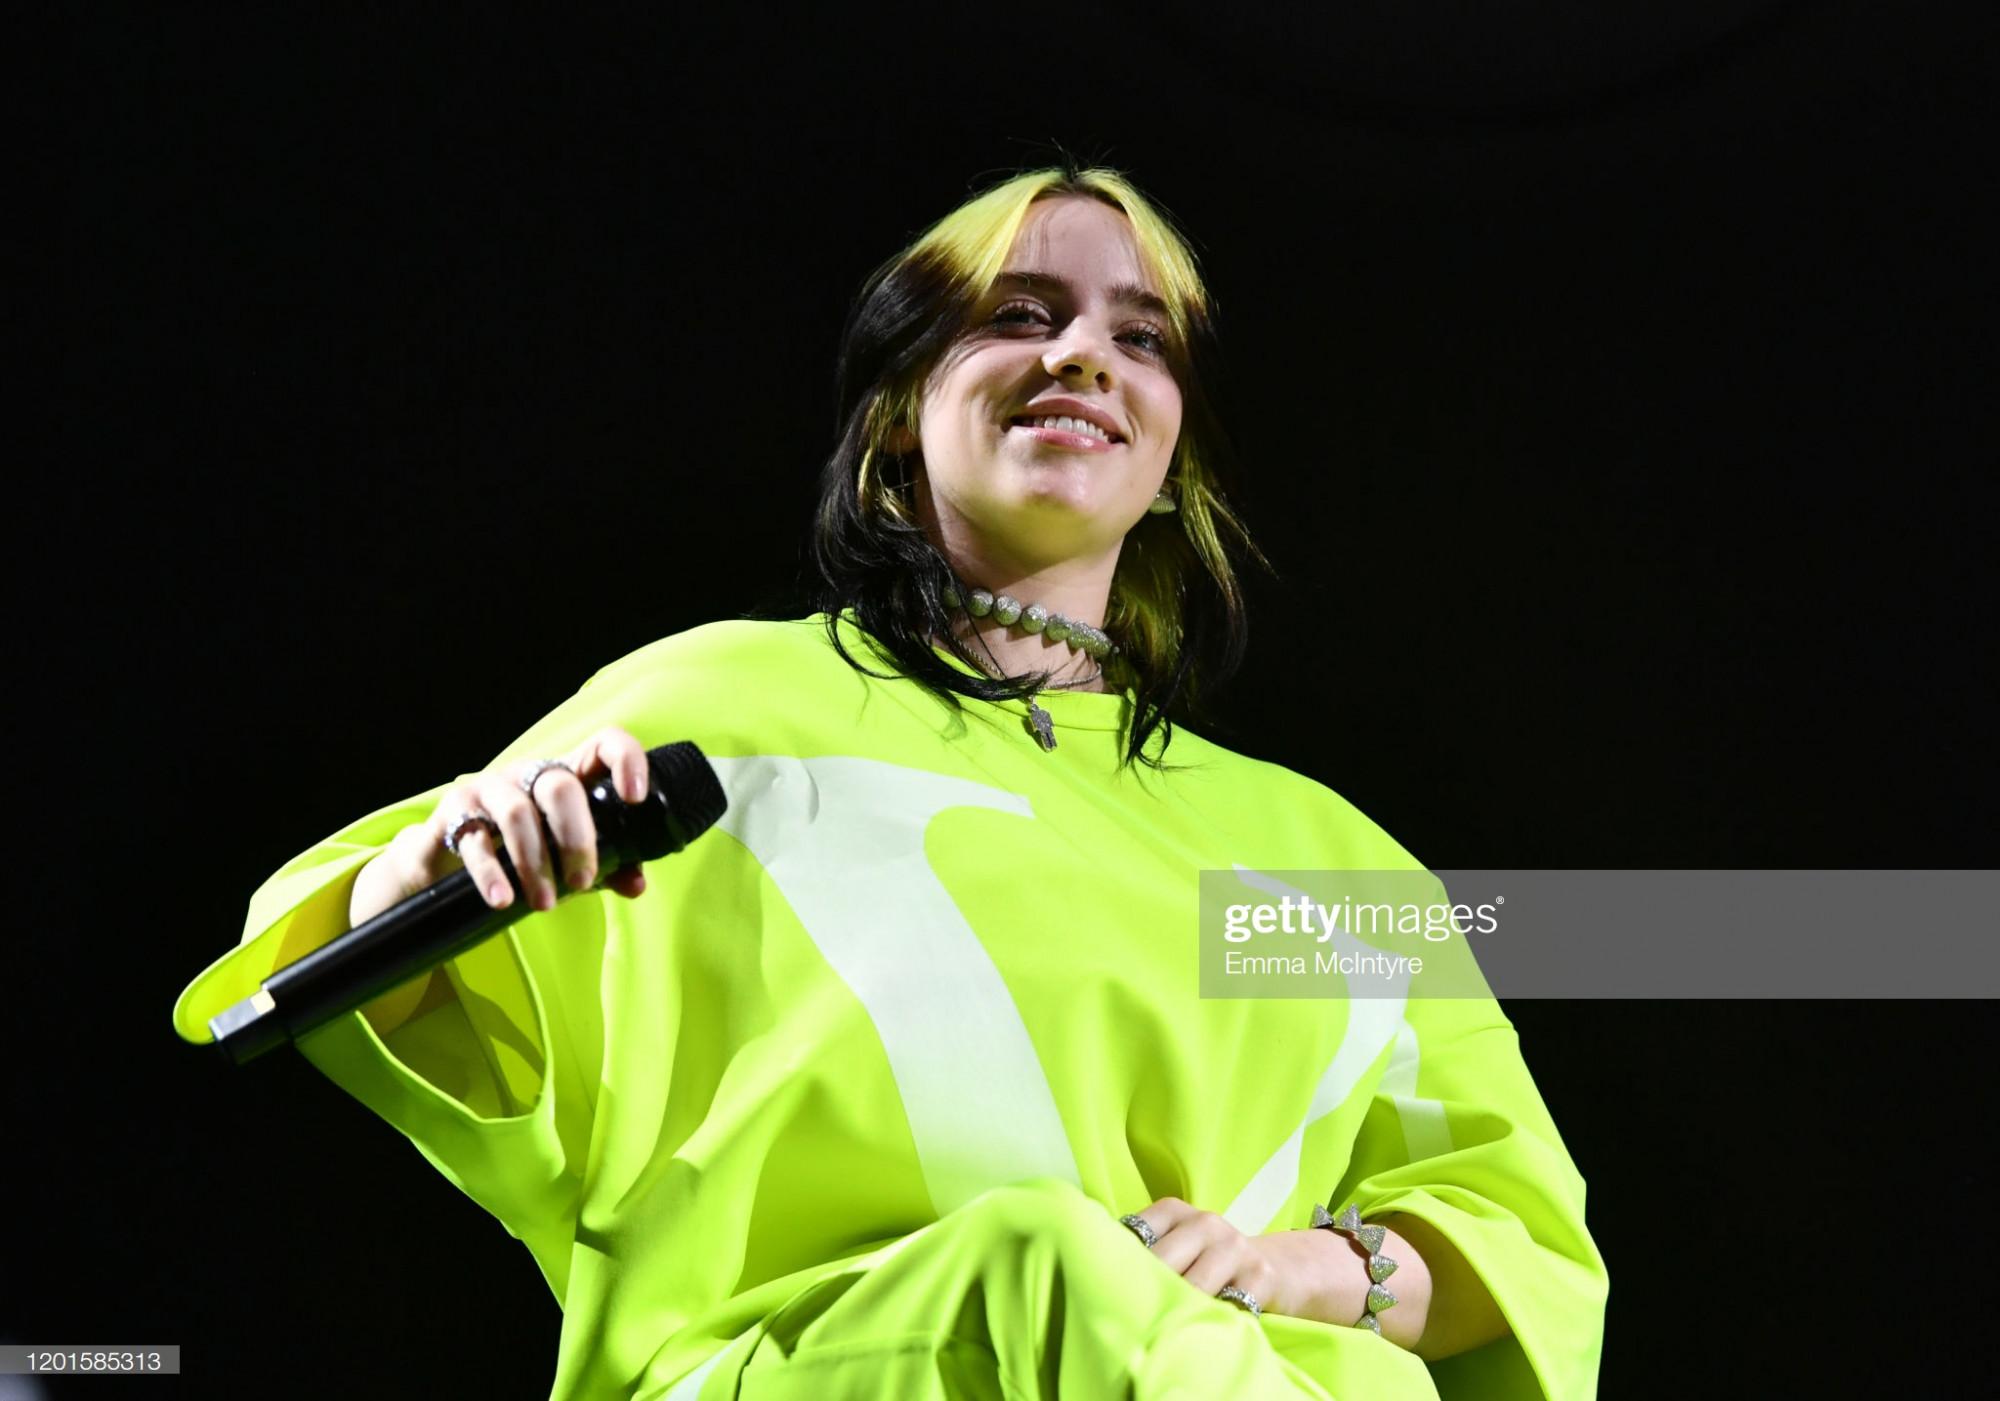 Không chỉ quần áo, màu tóc neon cũng được Billie Eilish lựa chọn để giúp cô nổi bật hơn.